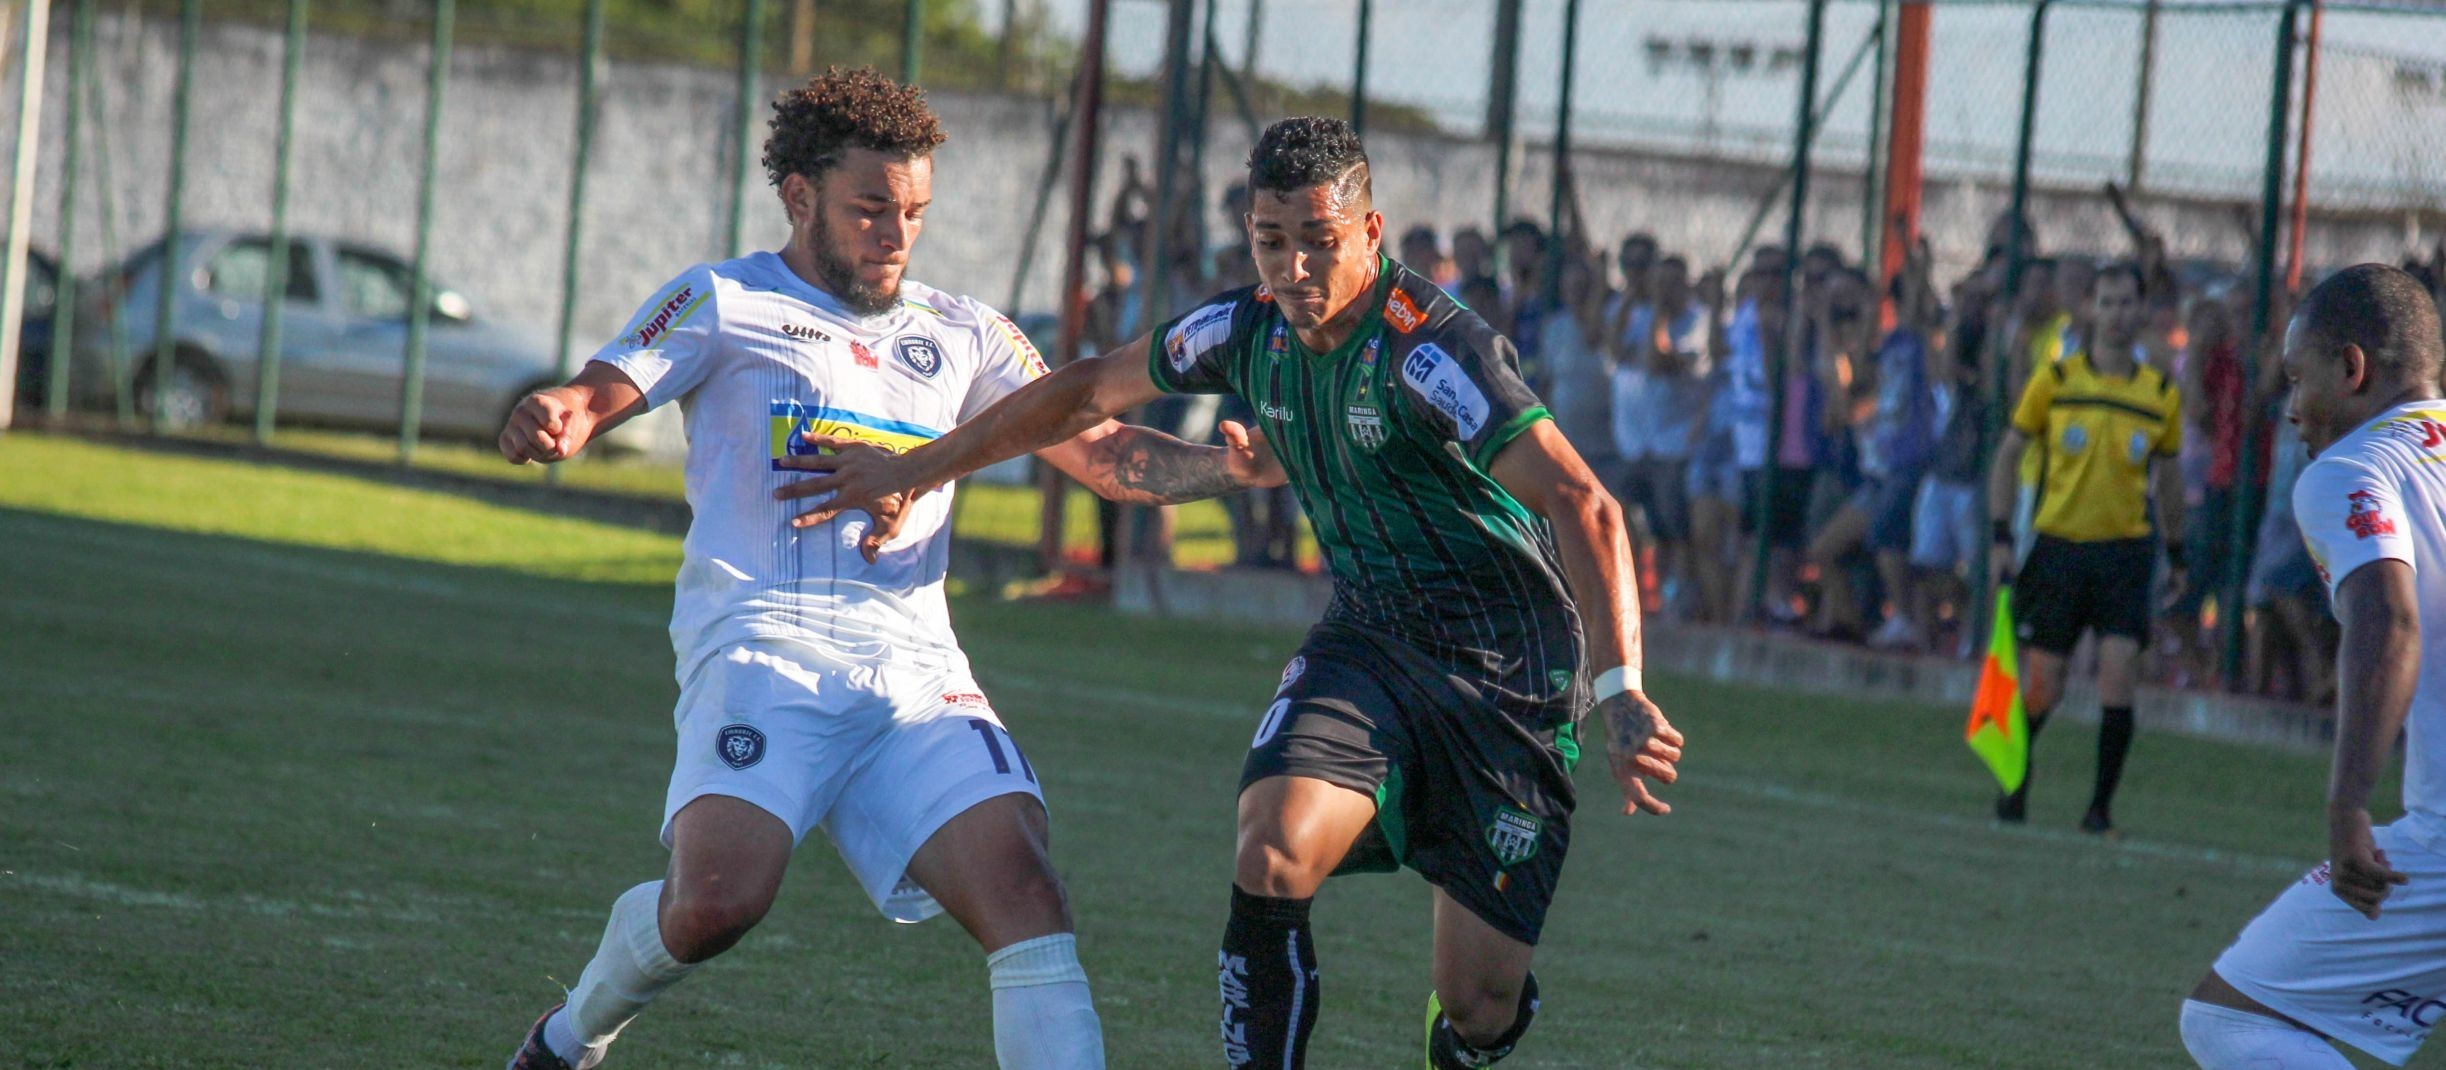 Vitória do Maringá FC diante do Madureira poderia ter sido com placar maior, não apenas 2 a 1